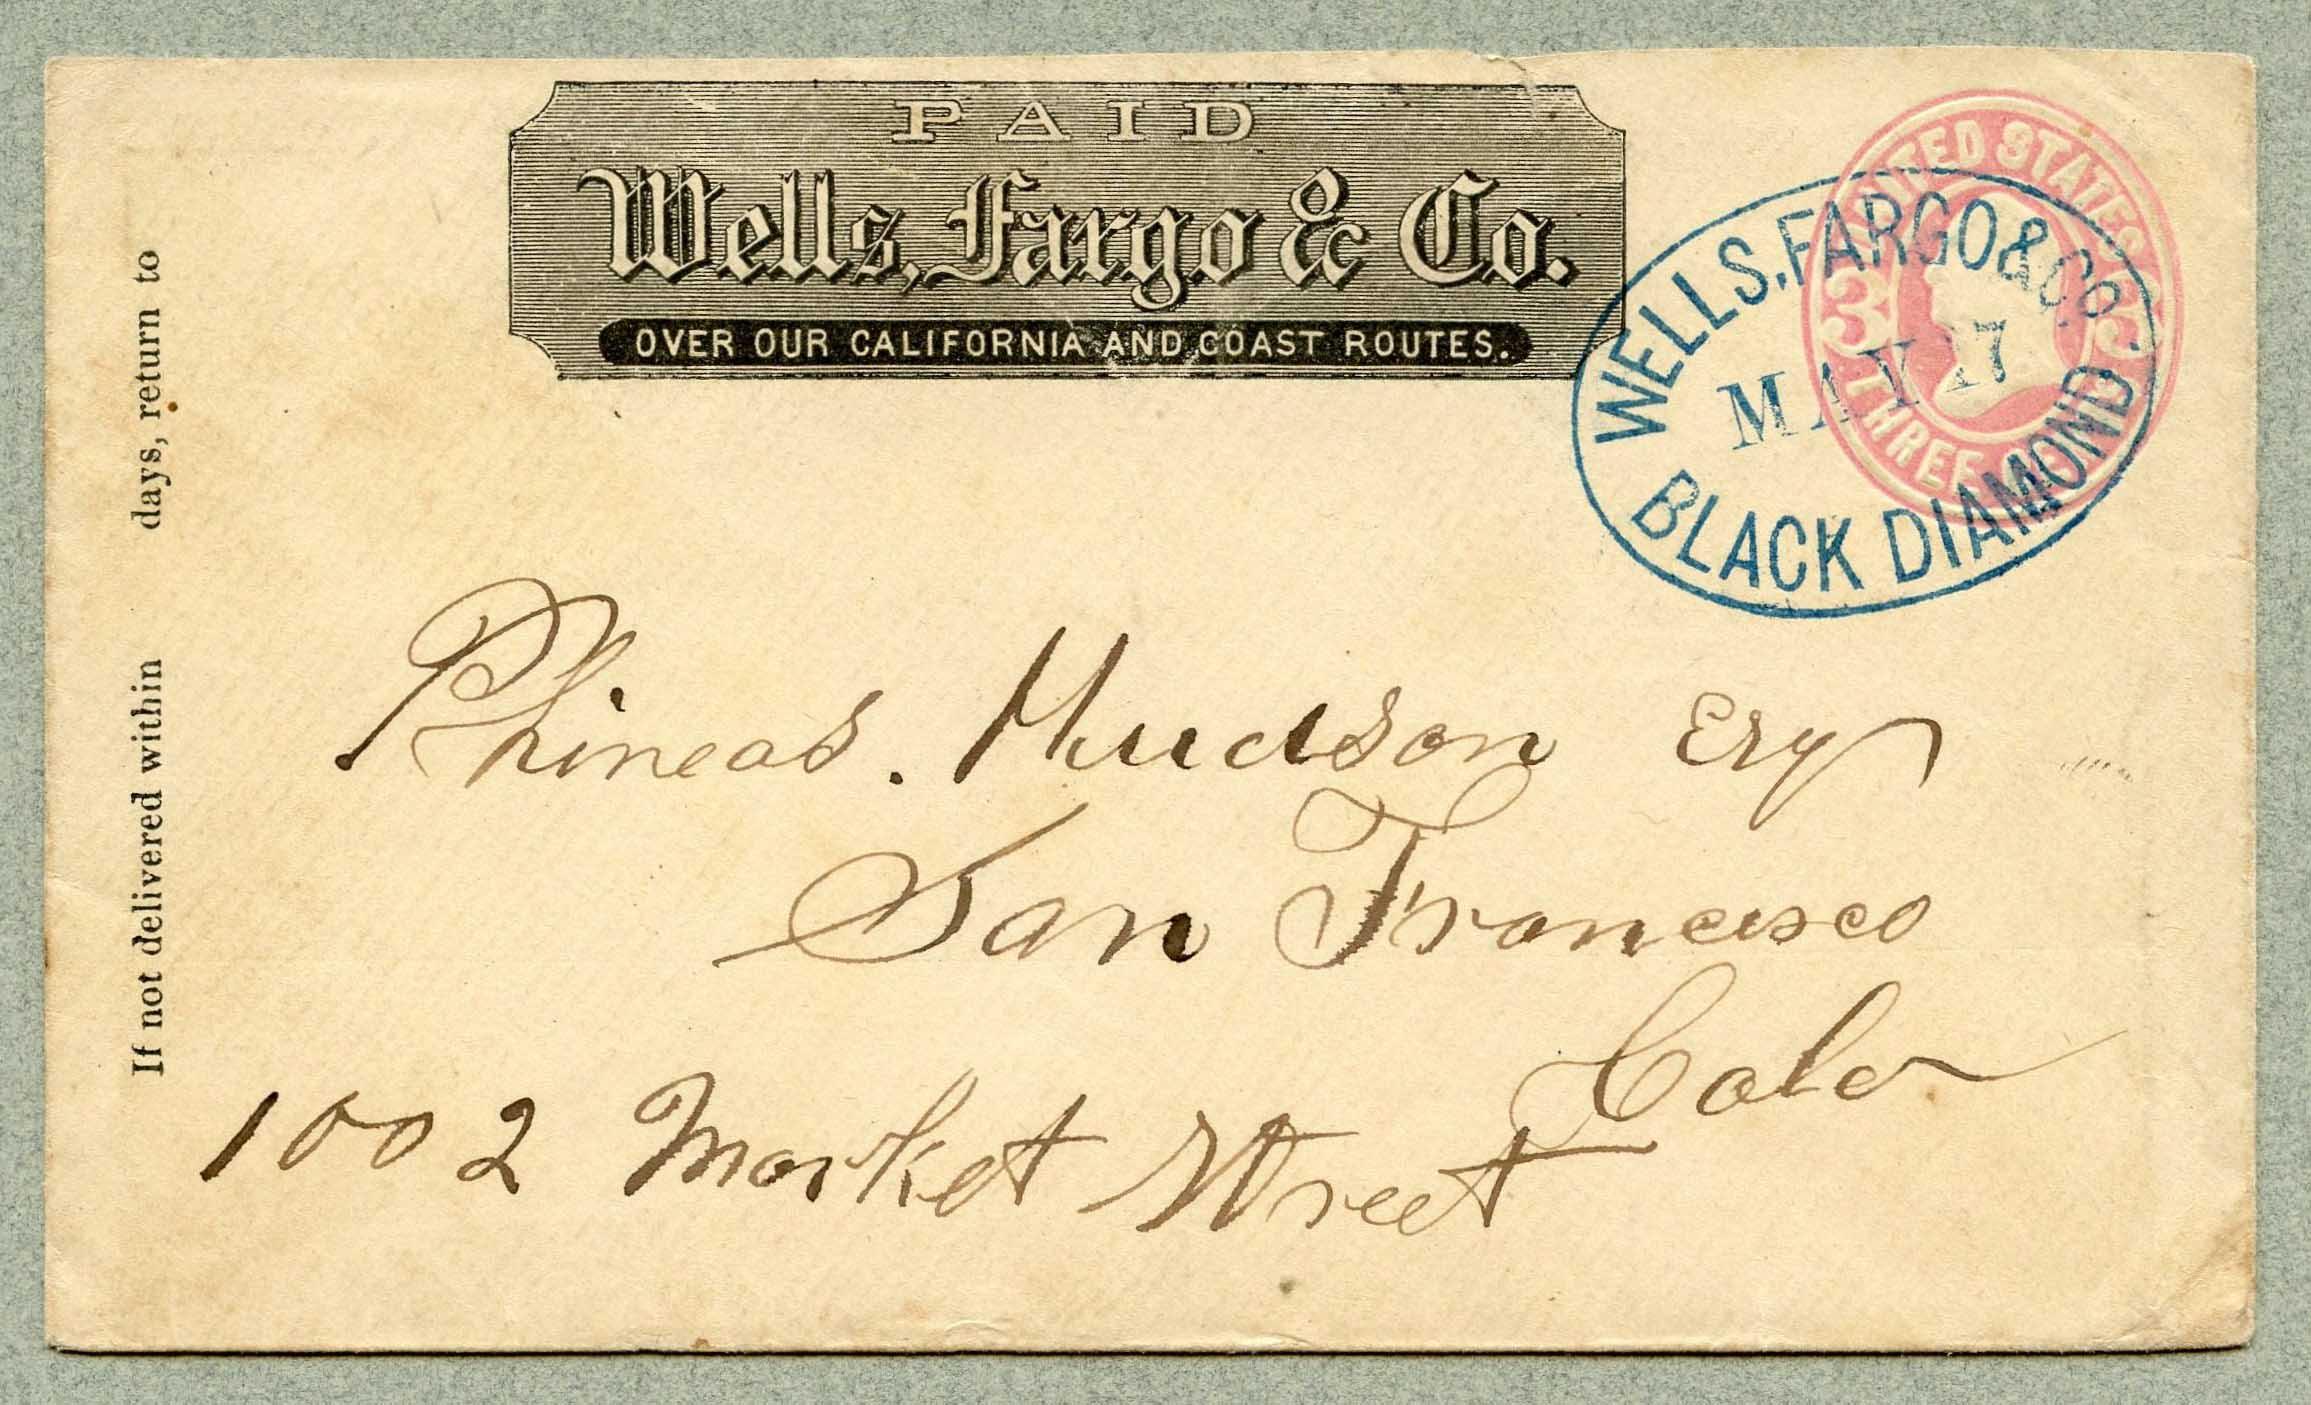 WC10633 BLACK DIAMOND, CA 11 9,bl U57